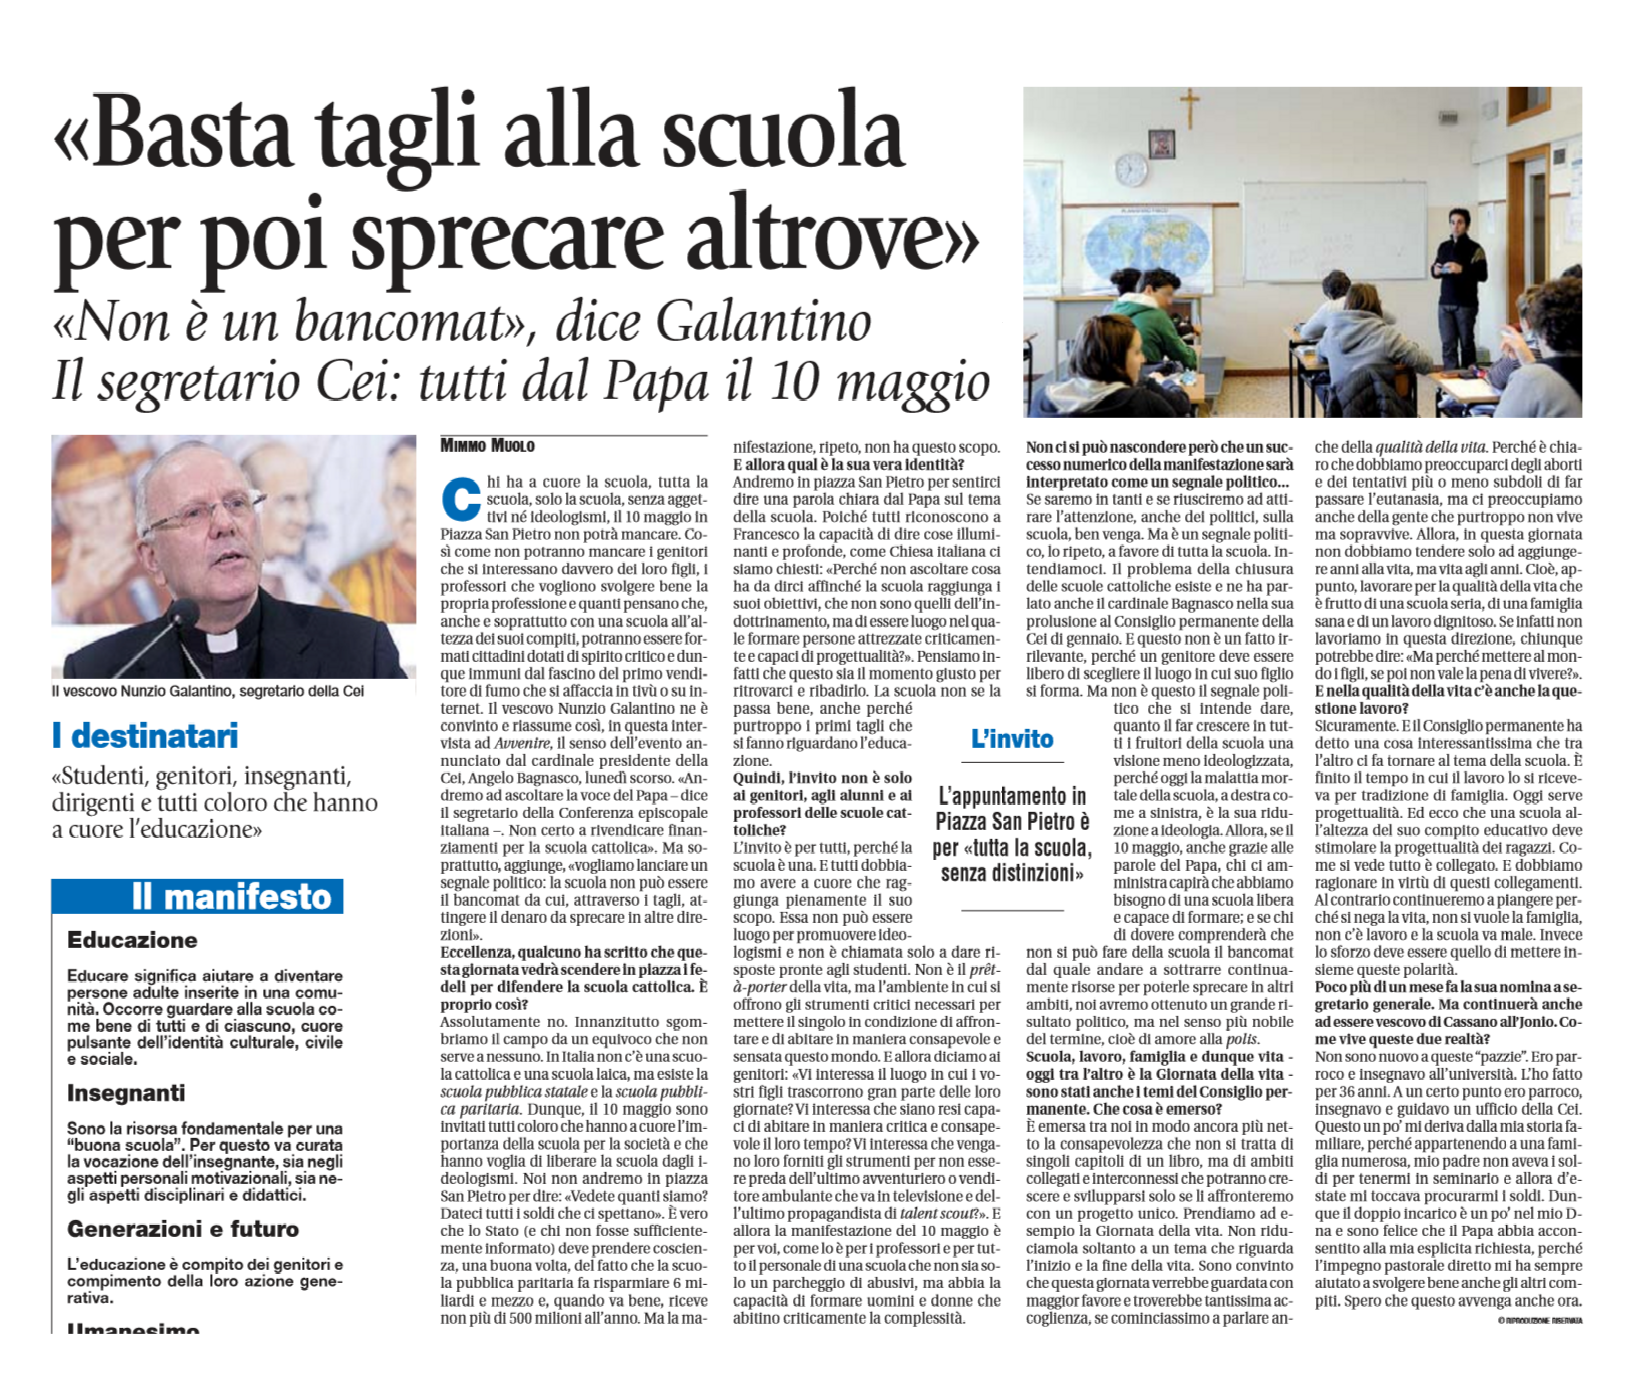 immagine di giornale